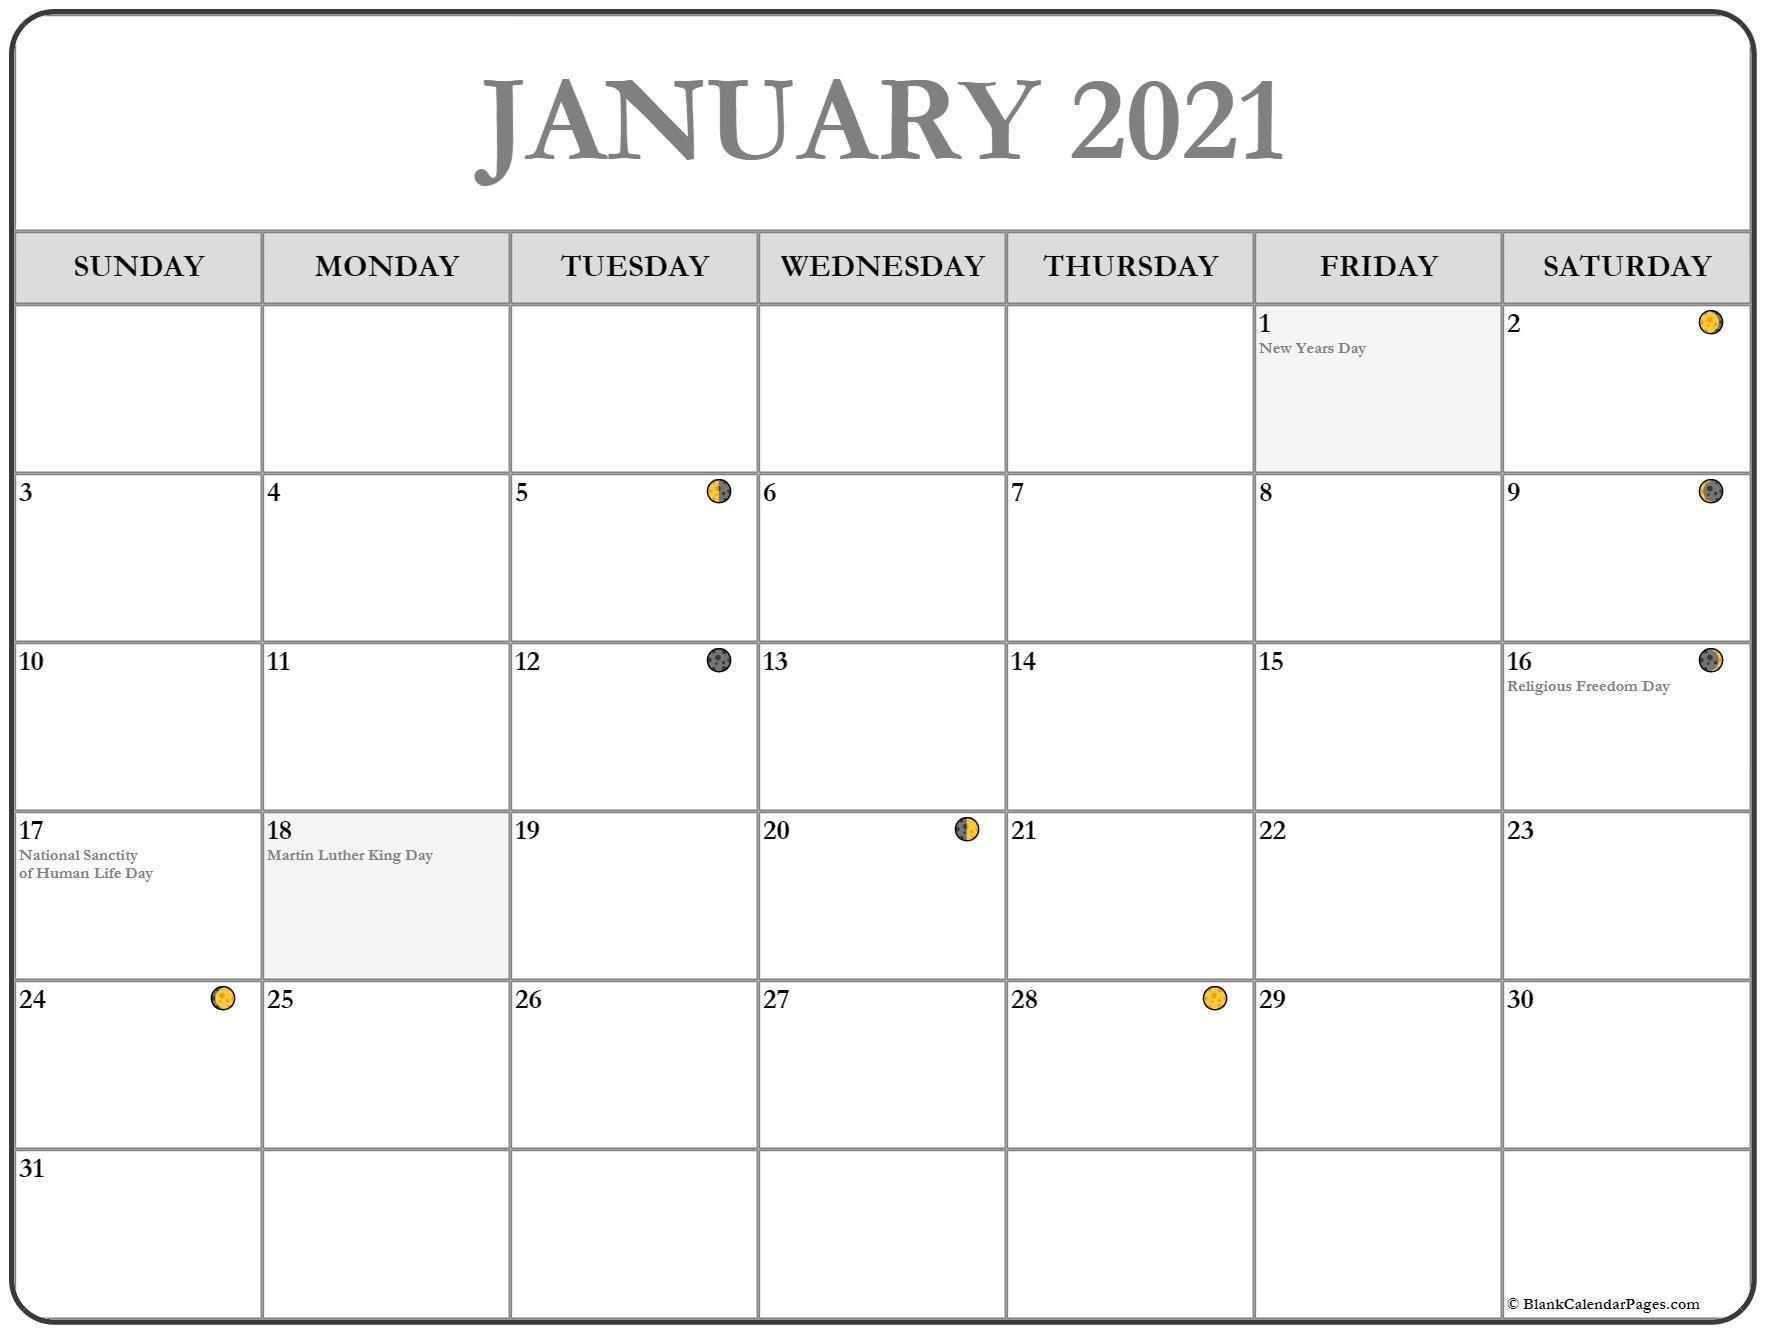 January 2021 Lunar Calendar | Moon Phase Calendar